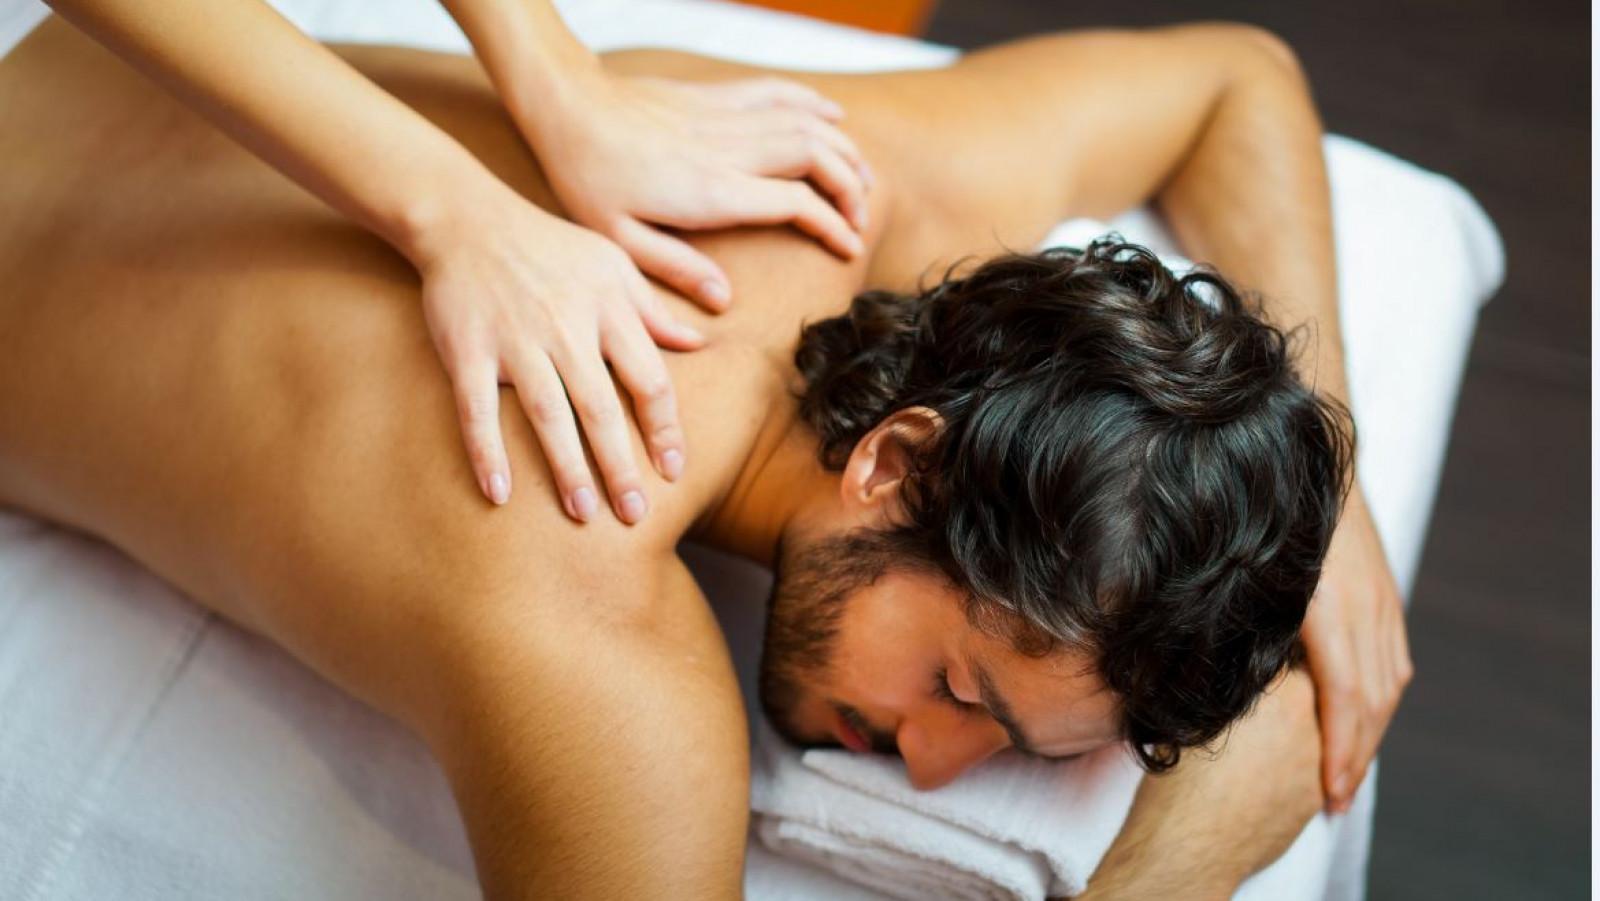 facebook massages naakt in de buurt texel